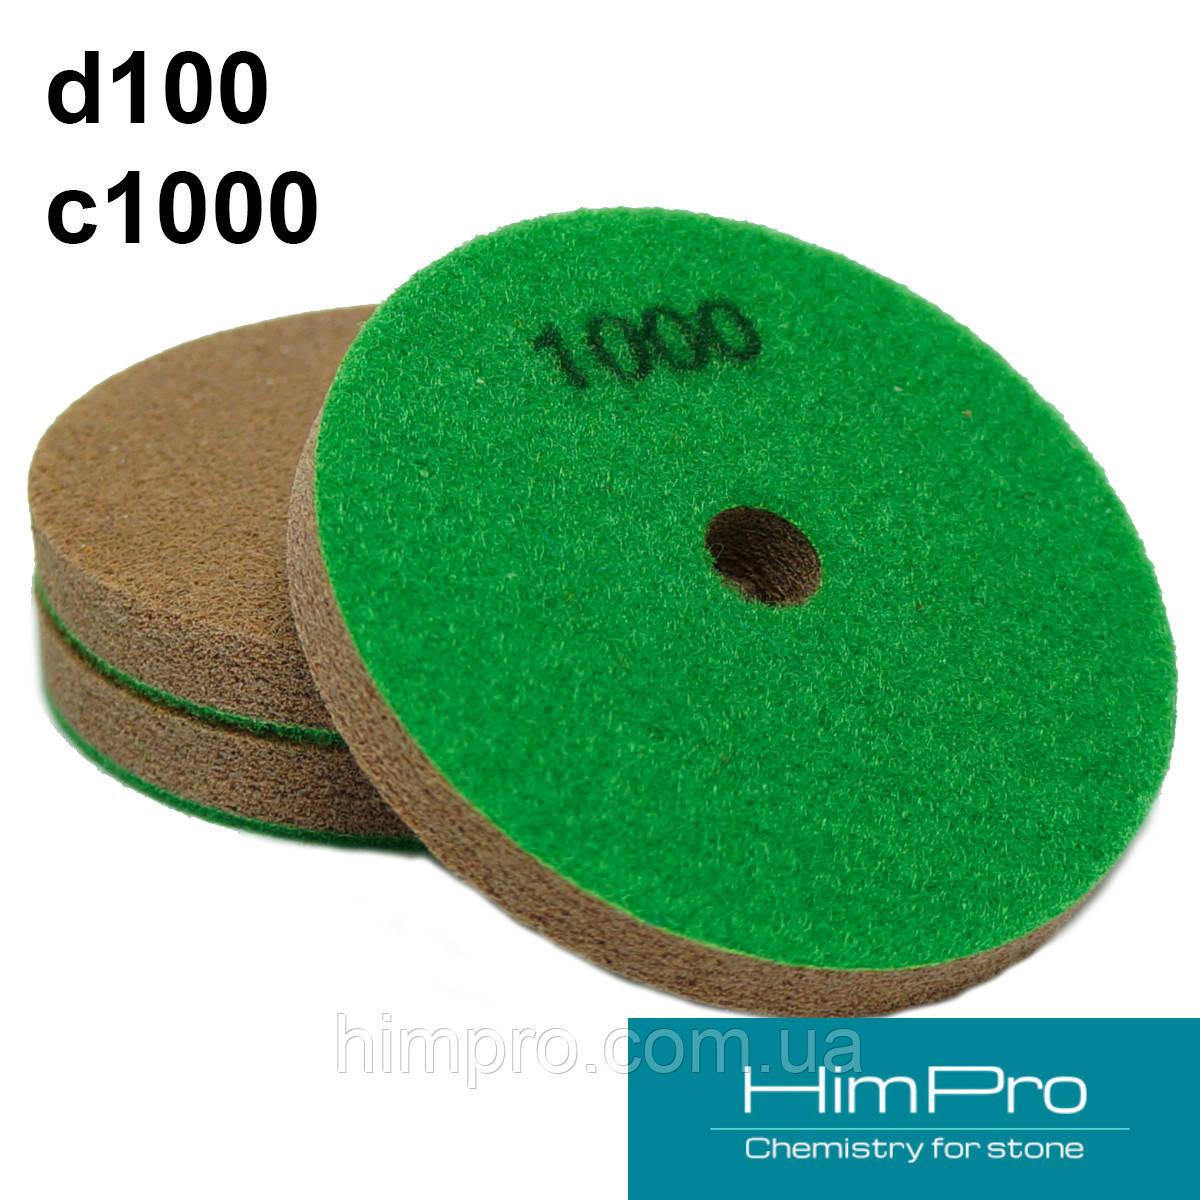 Алмазные спонжи d100 C1000